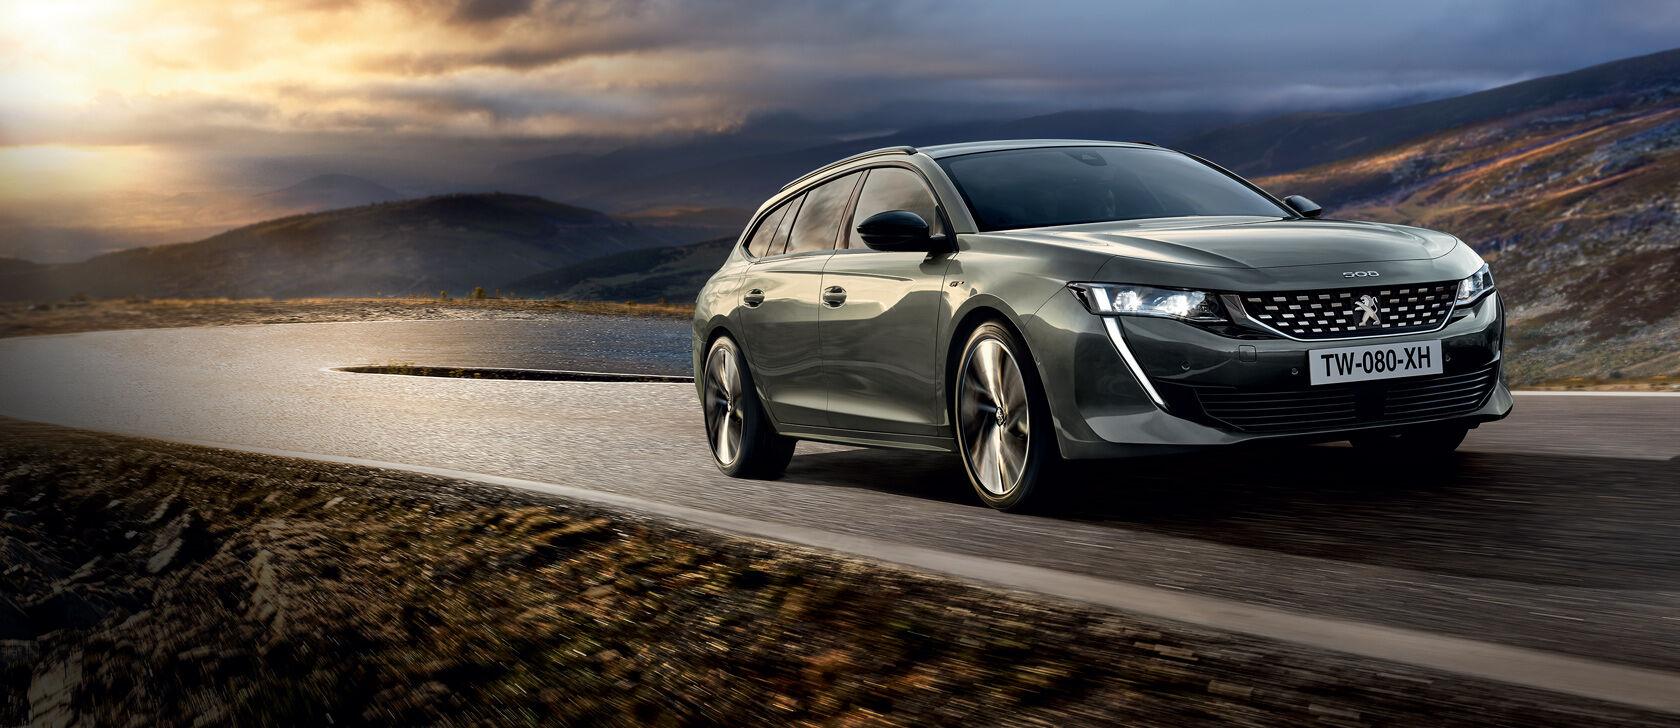 Uusi Peugeot 508 SW - nyt koeajettavissa!